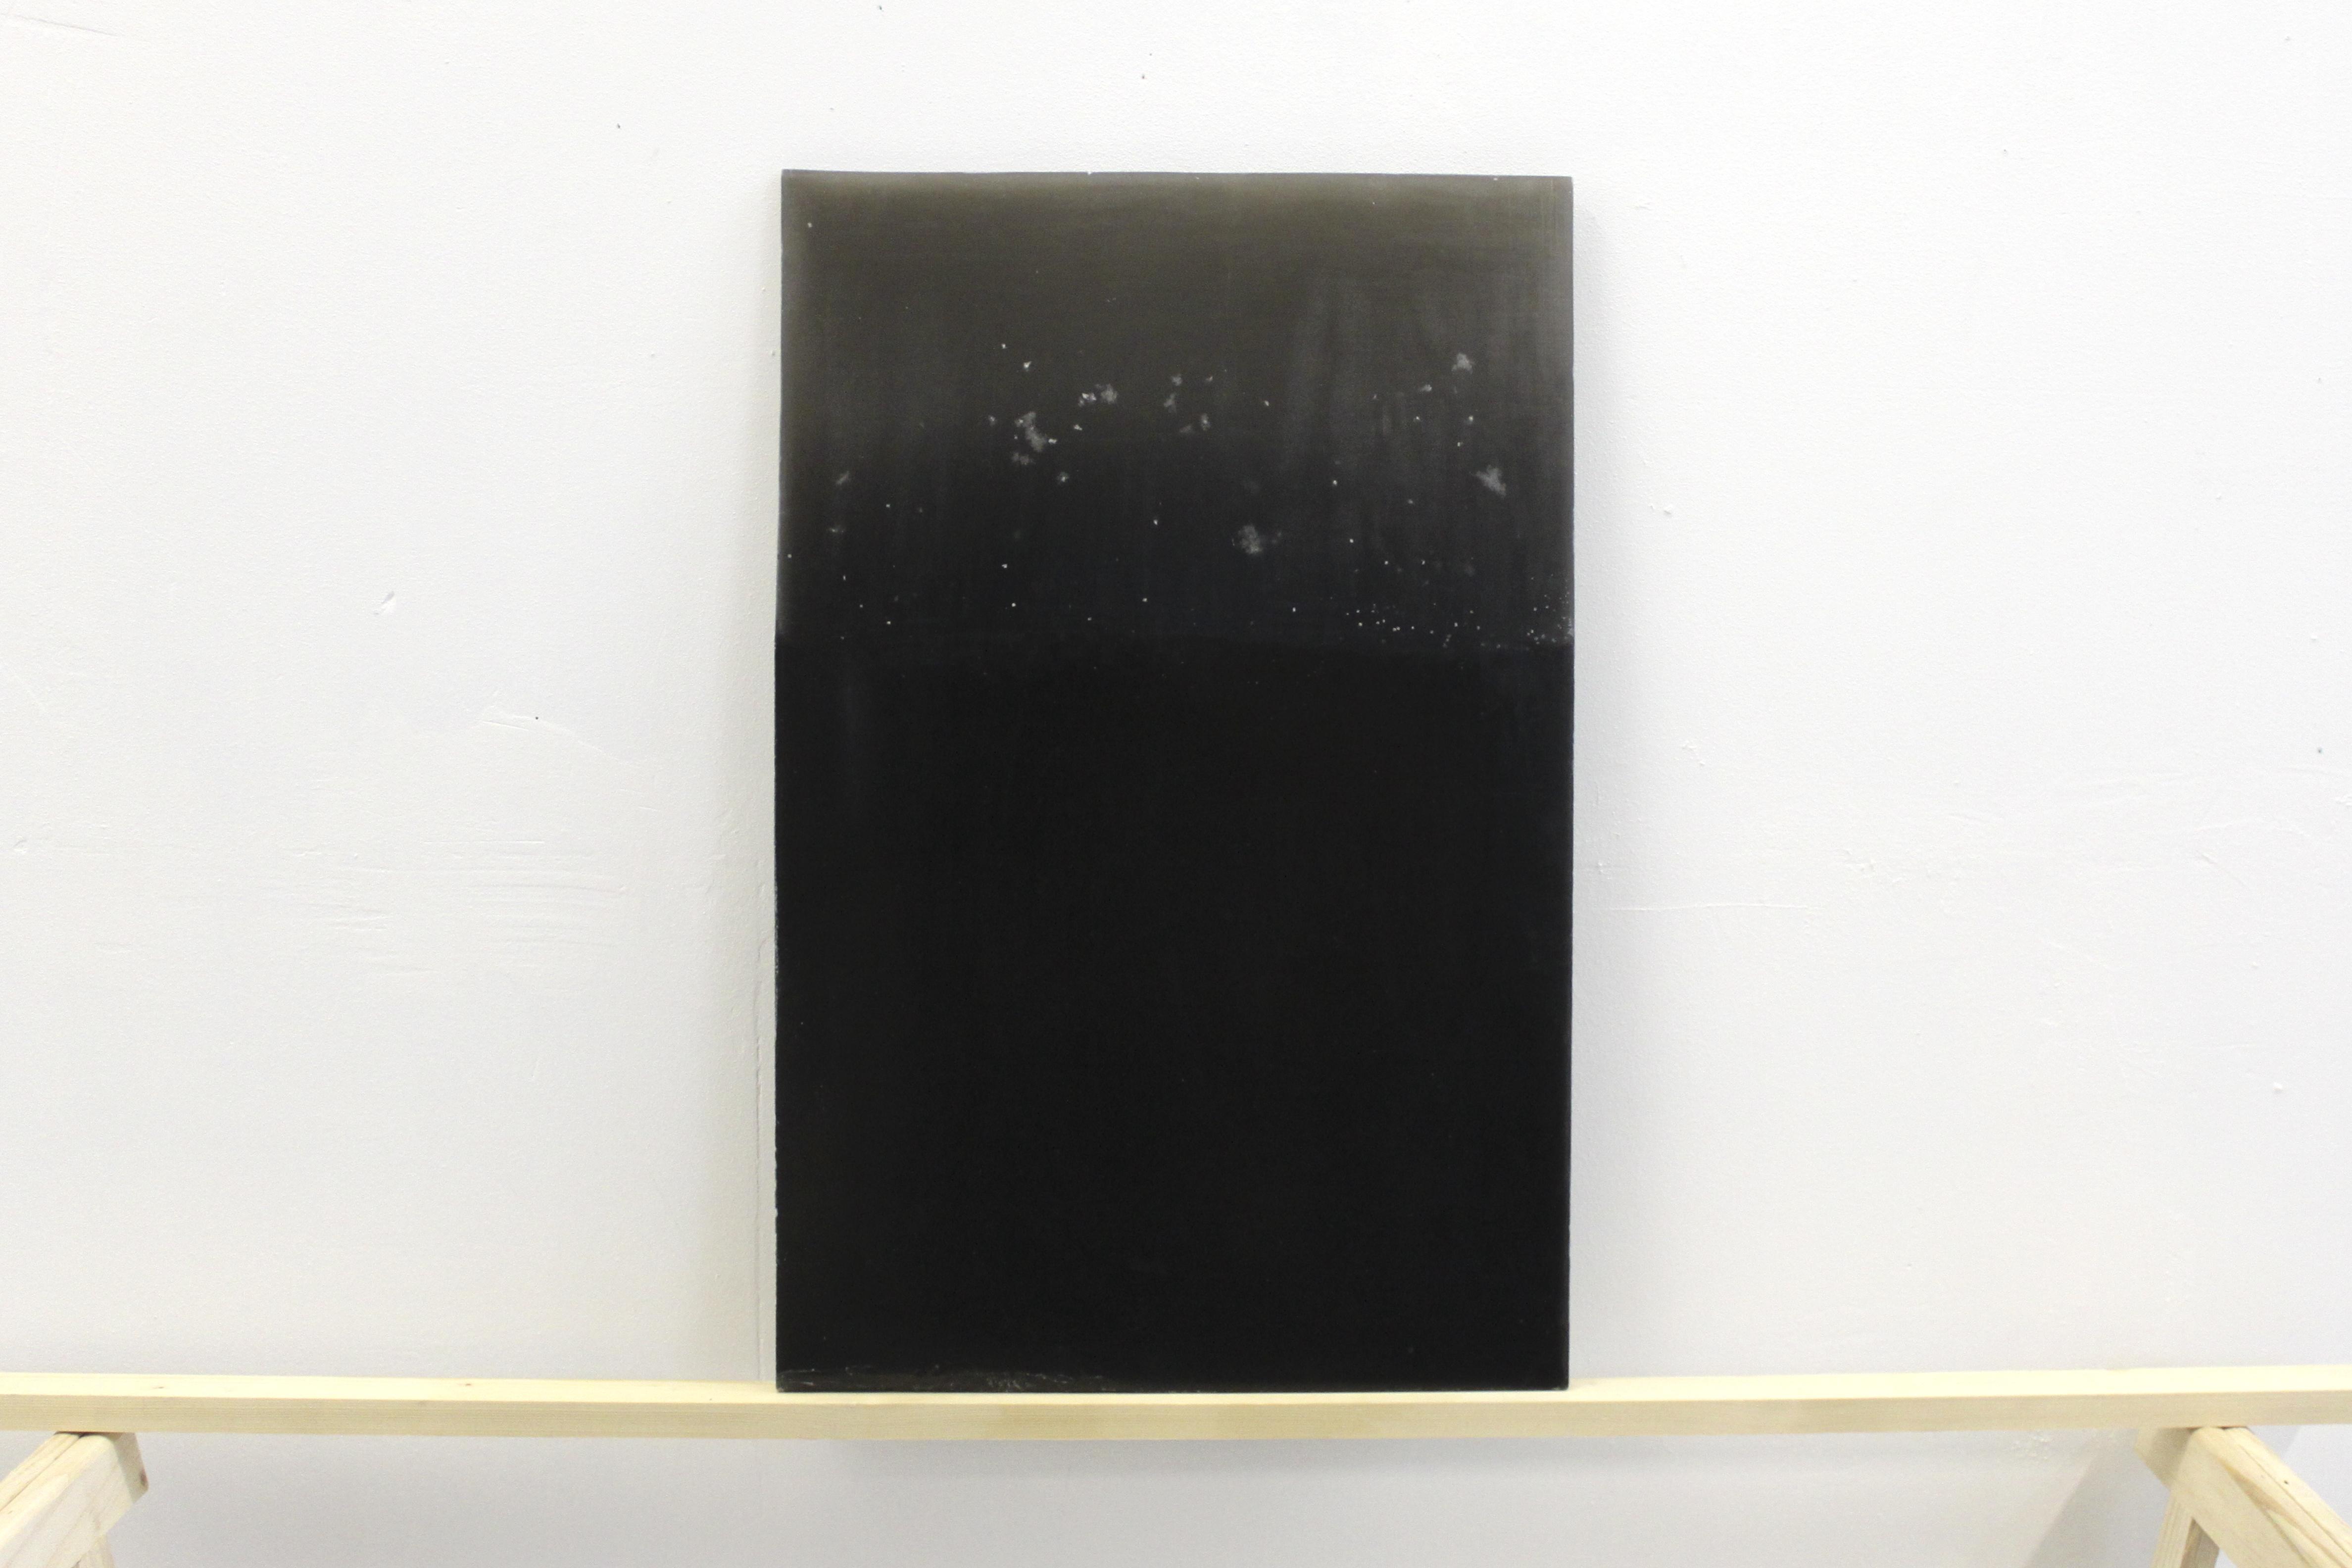 Coline Huger, 2013 - 103 bougies 40x60x3cm - cire gravée main, pigments